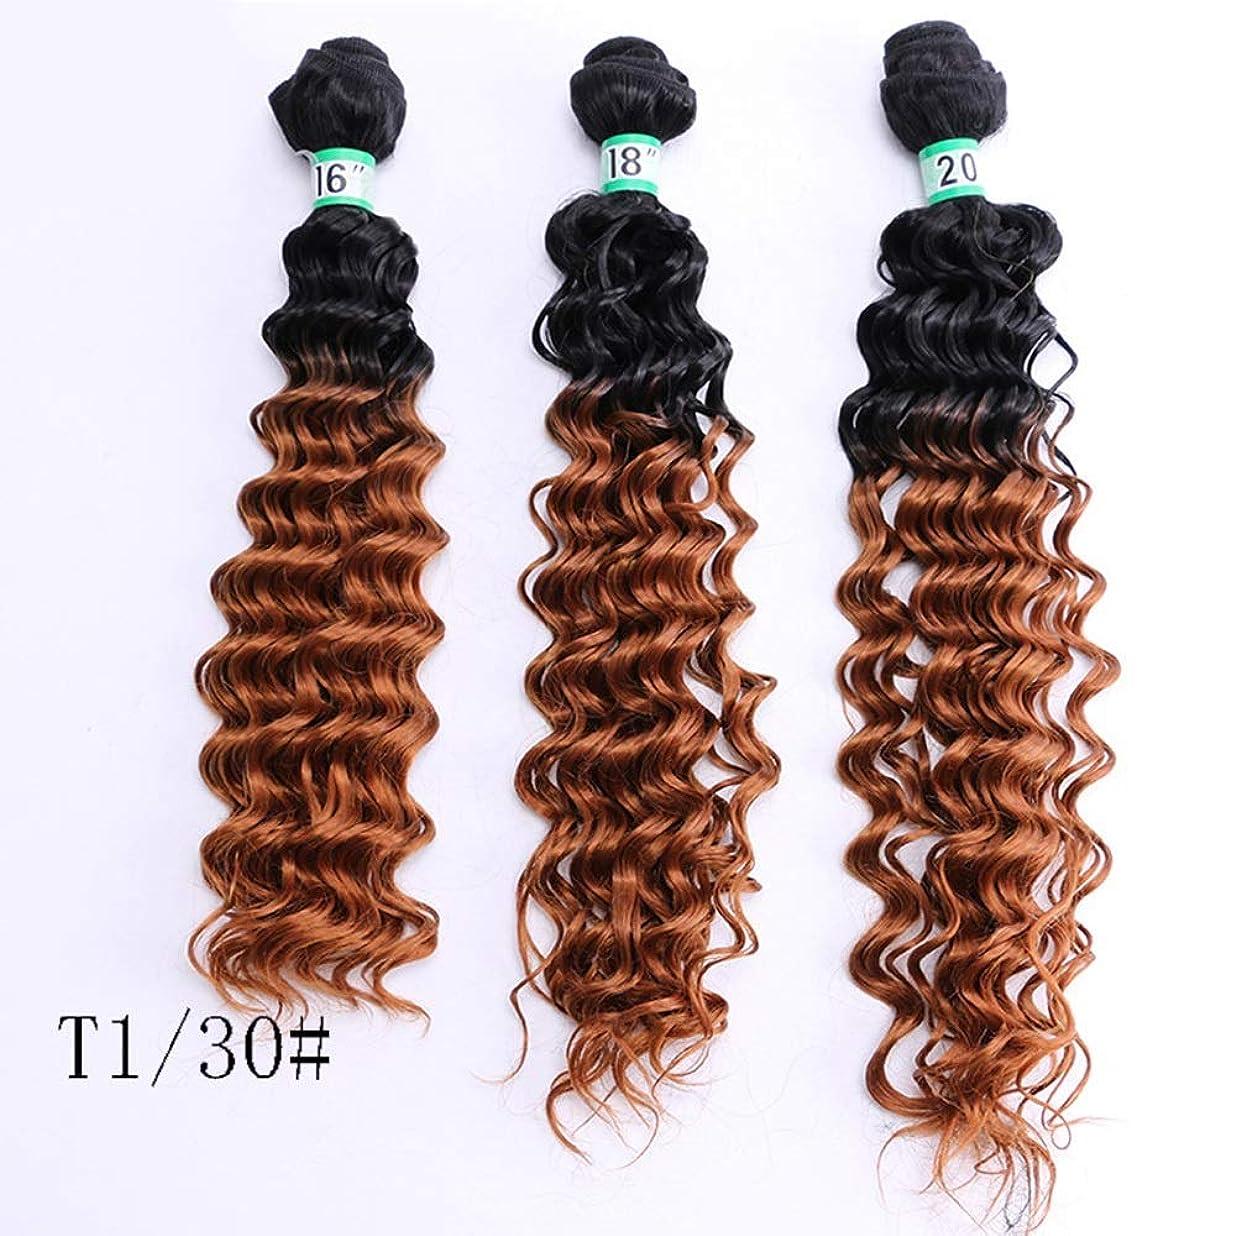 前投薬あからさまあざYrattary ディープカーリーウェーブ3バンドルブラジルのヘアエクステンション滑らかで太い髪70 g /個16 18 20インチ - T1 / 30#黄褐色グラデーション複合毛レースのかつらロールプレイングかつら長くて短い女性自然 (色 : Gradient, サイズ : 16